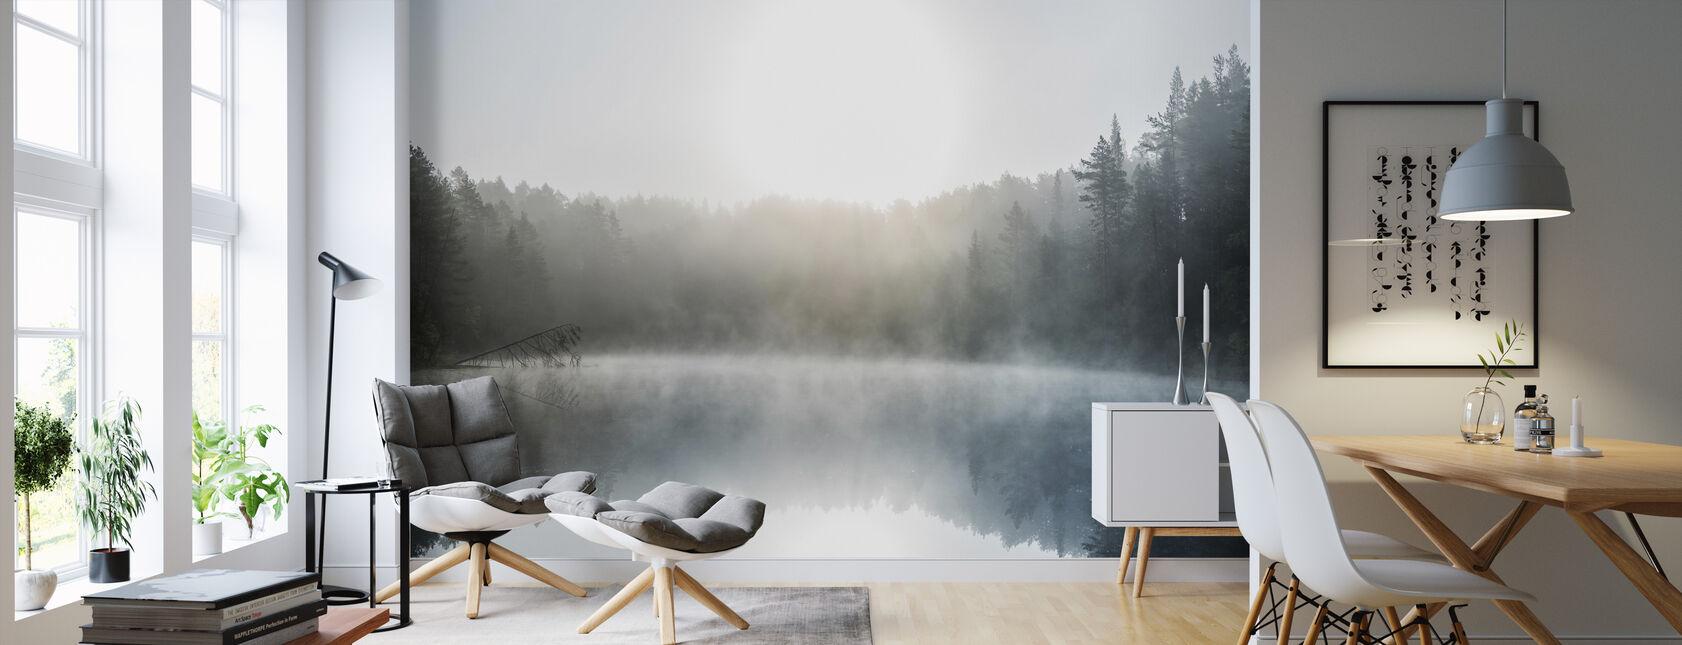 Celestial Dream - Wallpaper - Living Room